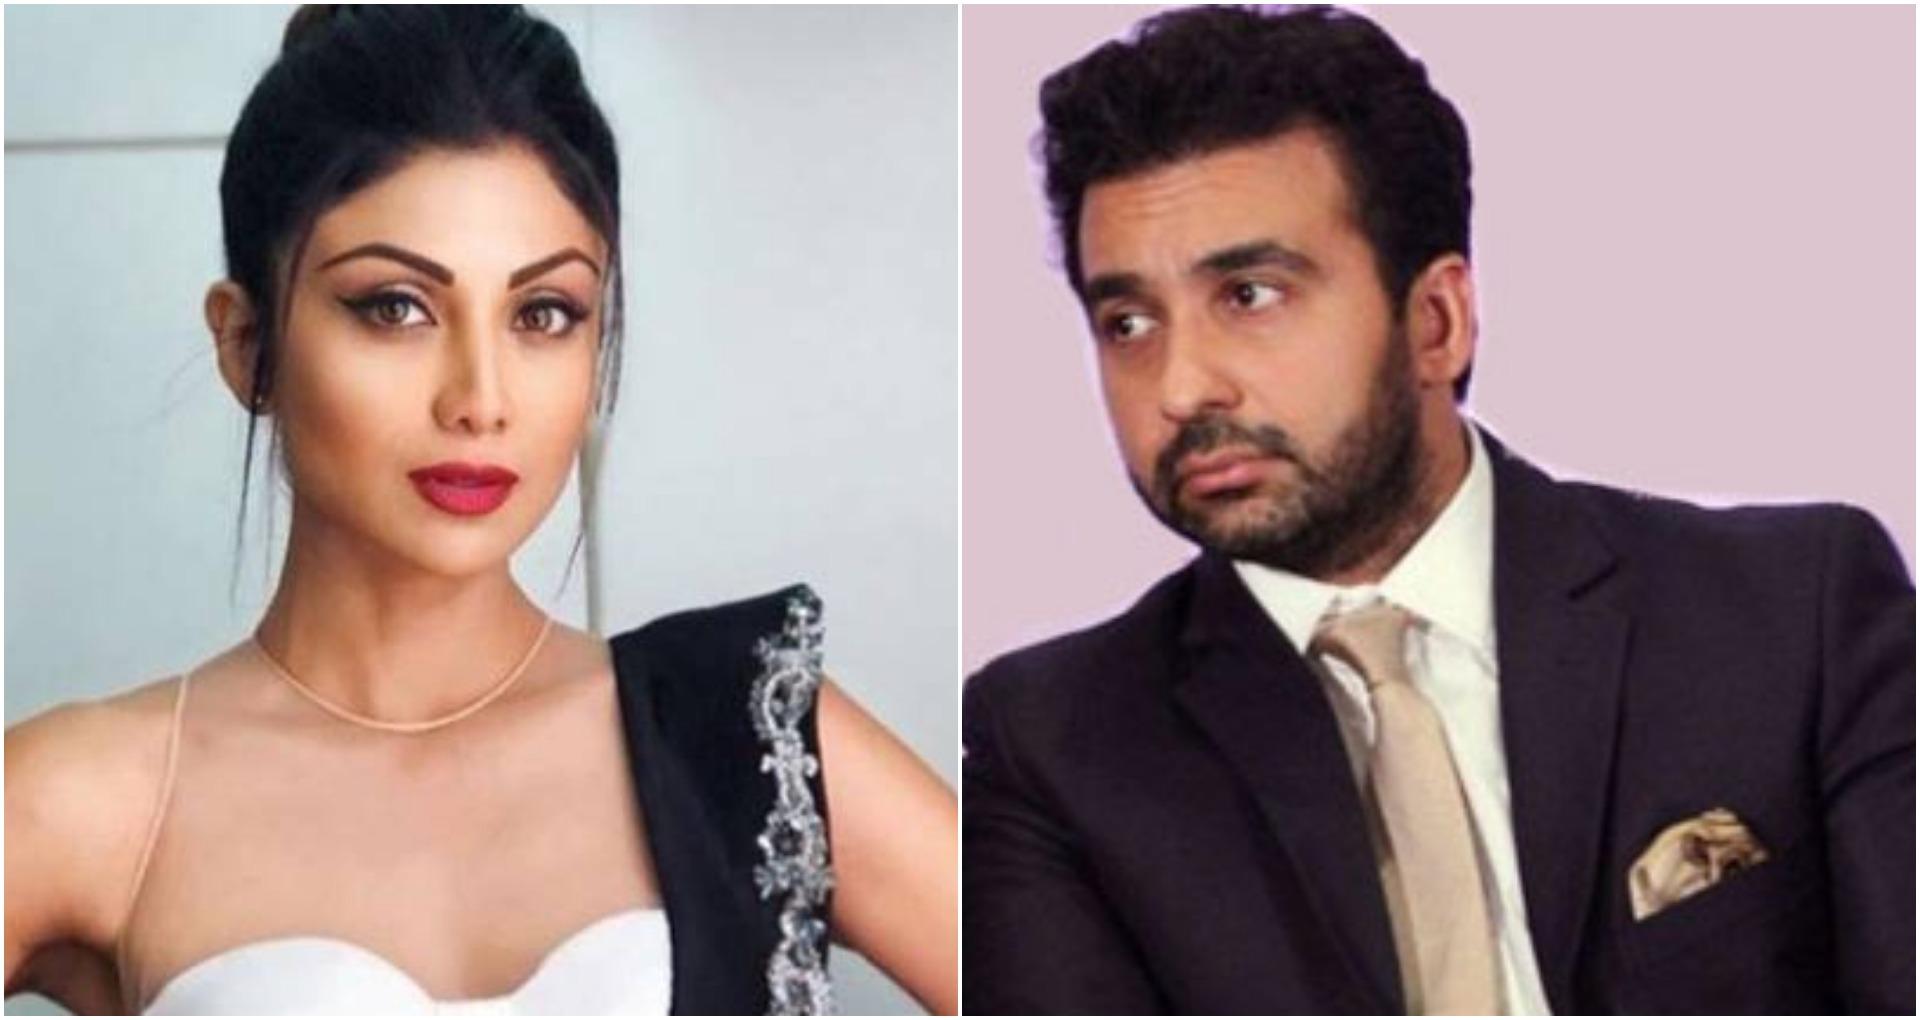 शिल्पा शेट्टी ने राज कुंद्रा को मारा जोरदार थप्पड़, कहा- 'औकात में रहो, मेरे पति हो, देखें वीडियो